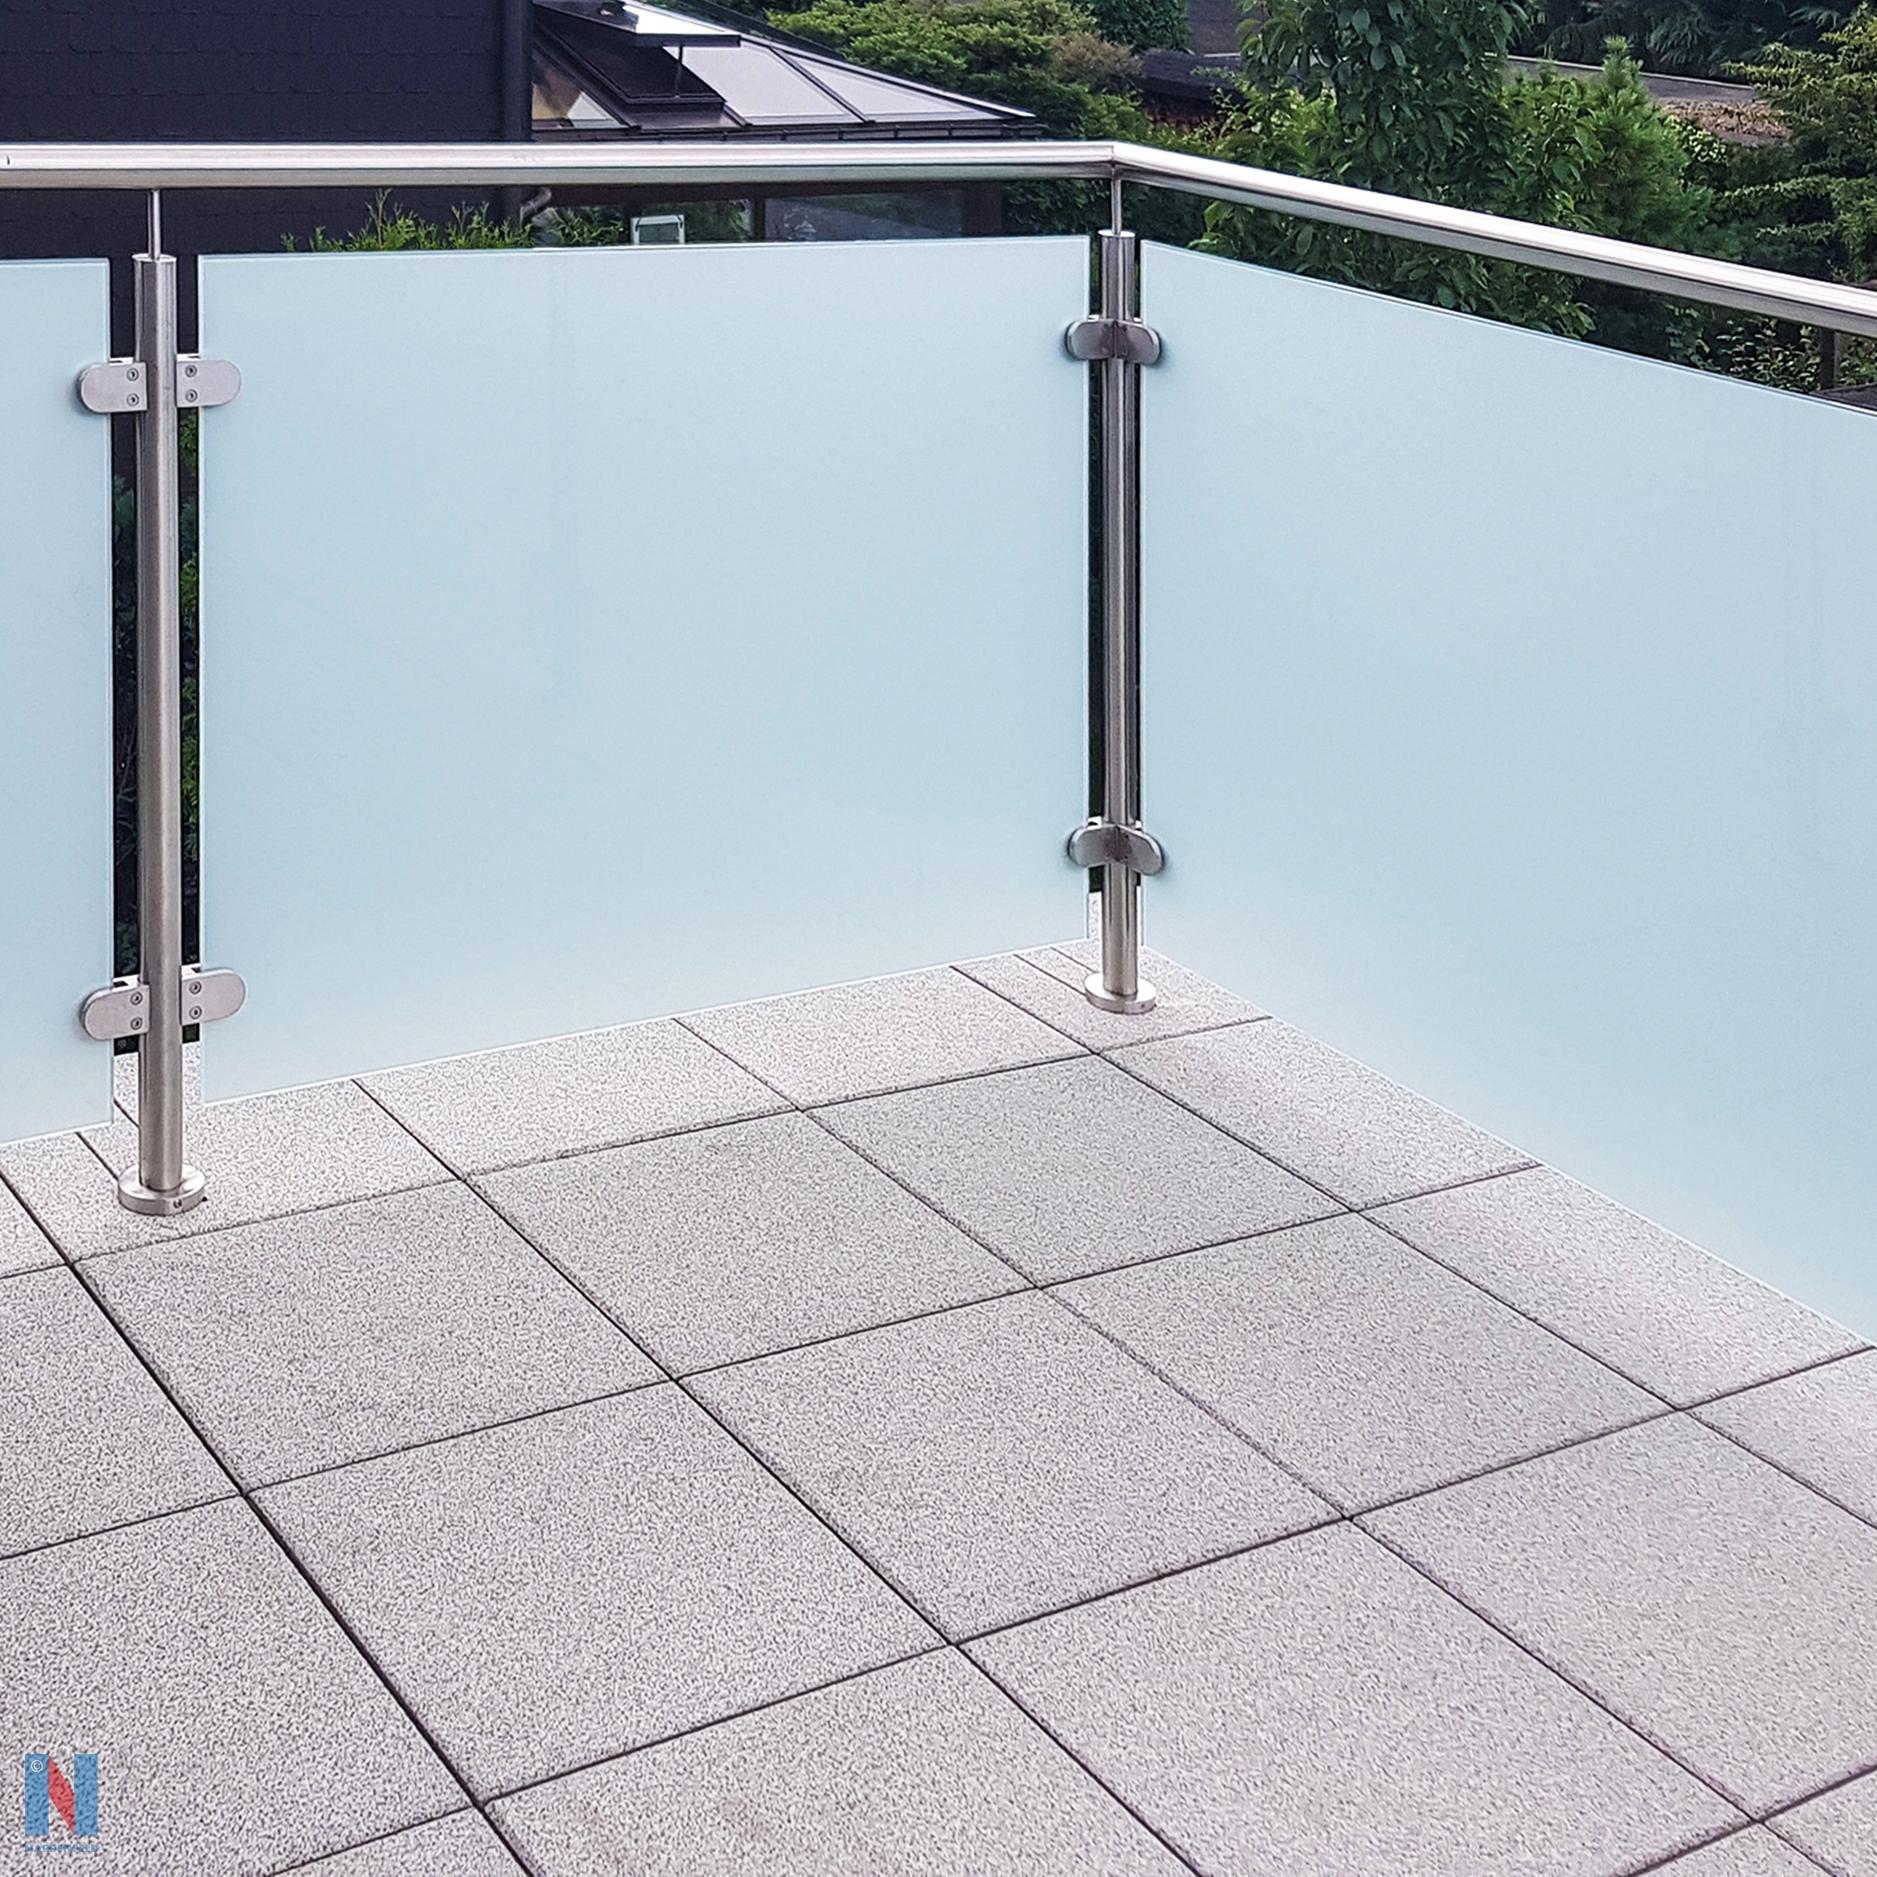 In Mülheim-Dümpten verschönerte der Edelstahl-Experte Nappenfeld durch ein neues Edelstahl-Geländer mit mattweißem Glas einen alten Balkon, der komplett saniert wurde und im neuen modernen Look erstrahlt.